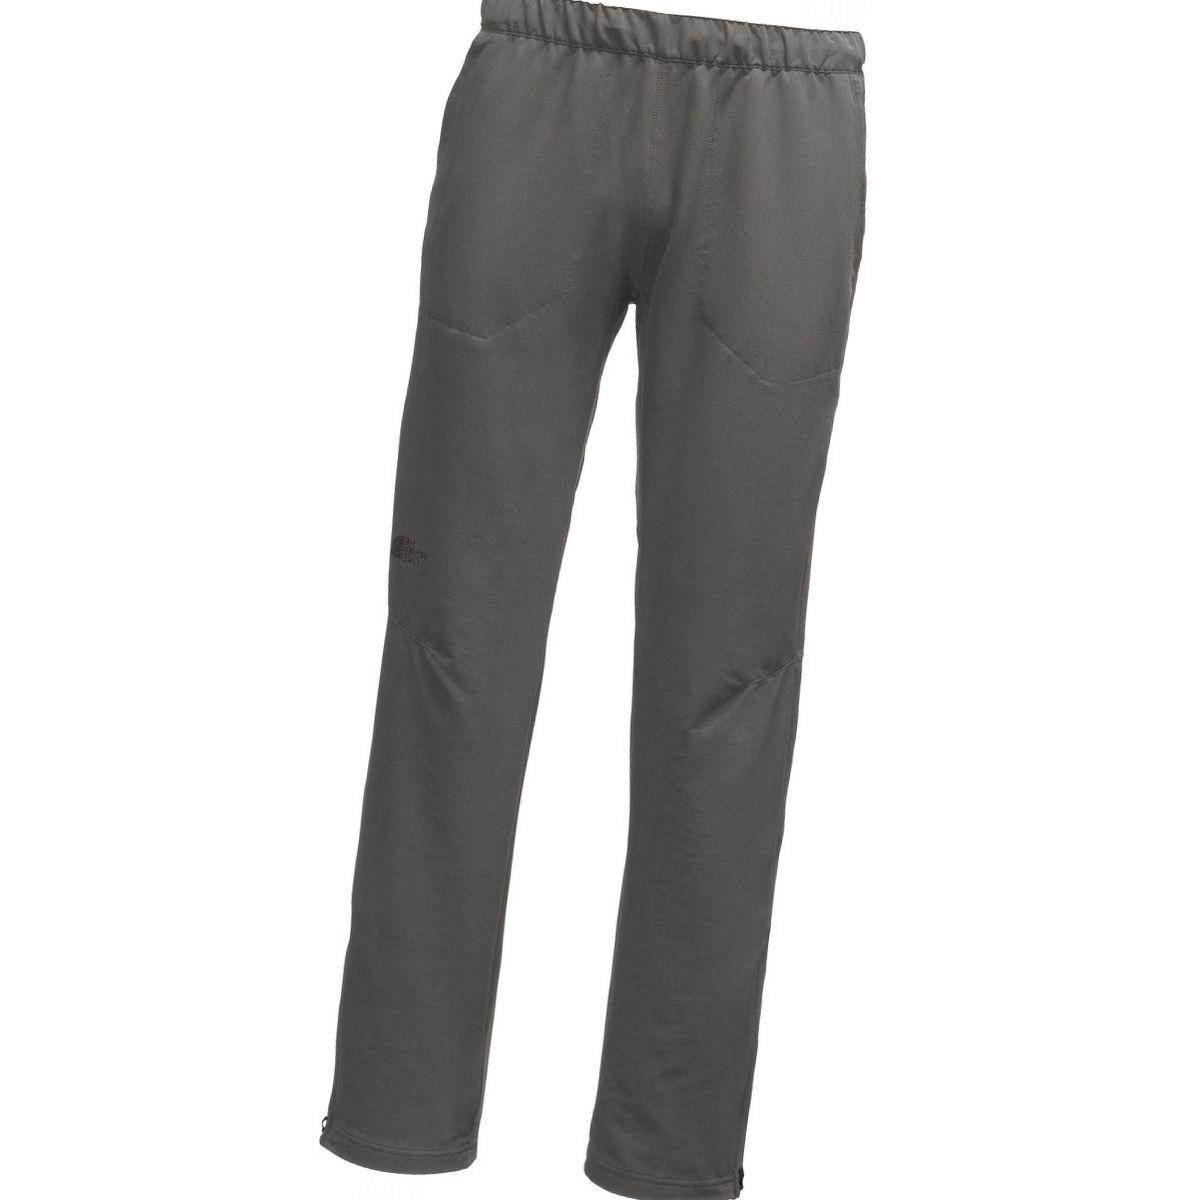 The North Face Kilowatt Pant - Men's